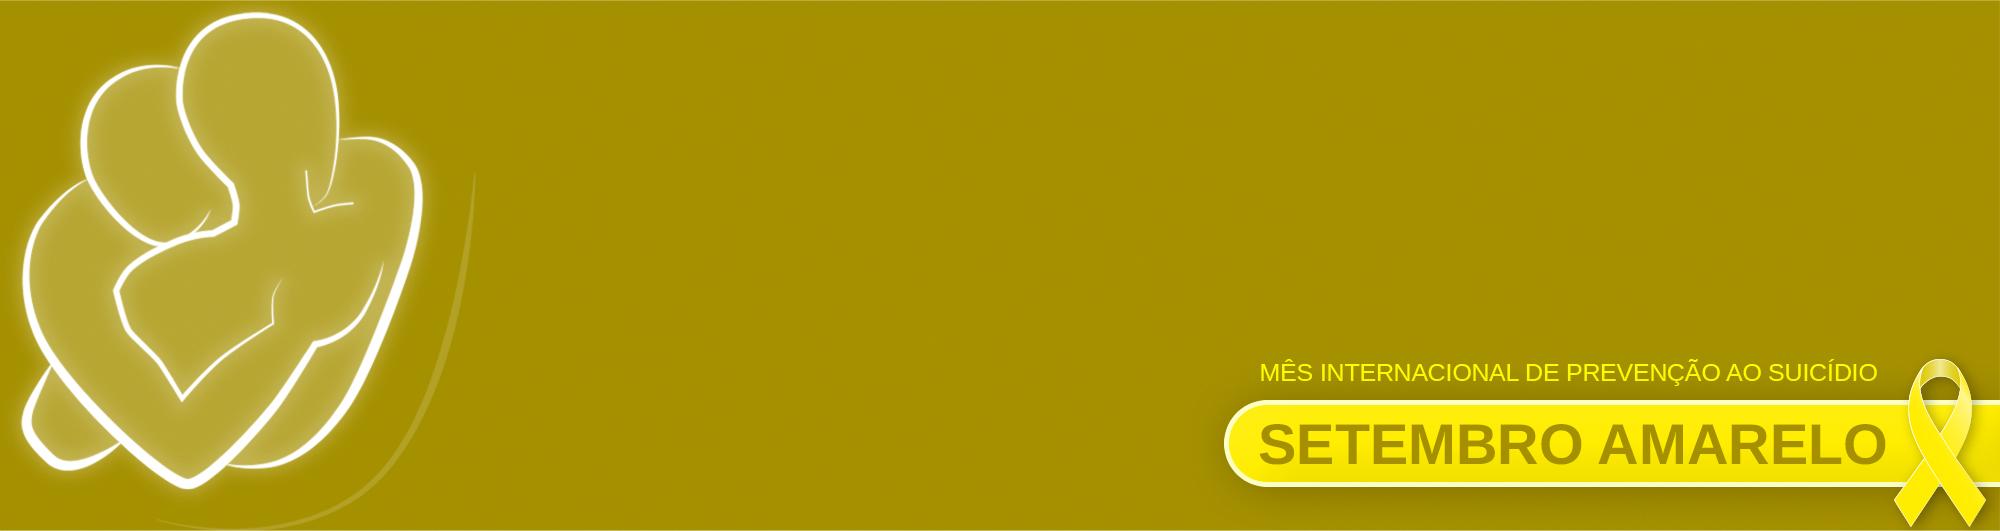 Setembro Amarelo - A UFRJ pela vida!